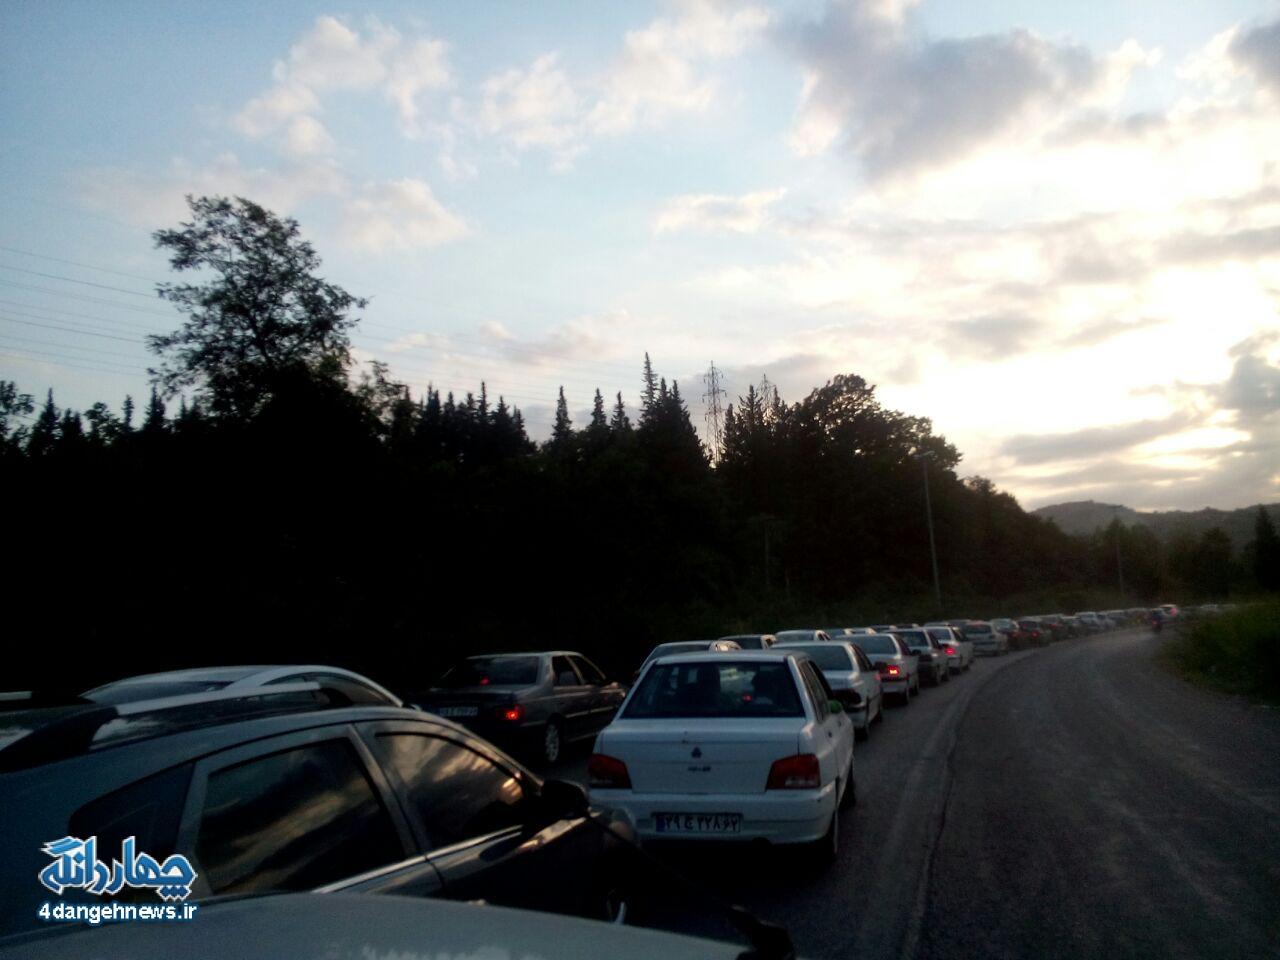 فوری: جاده تاکام - ساری  یک طرفه شد + تصاویر